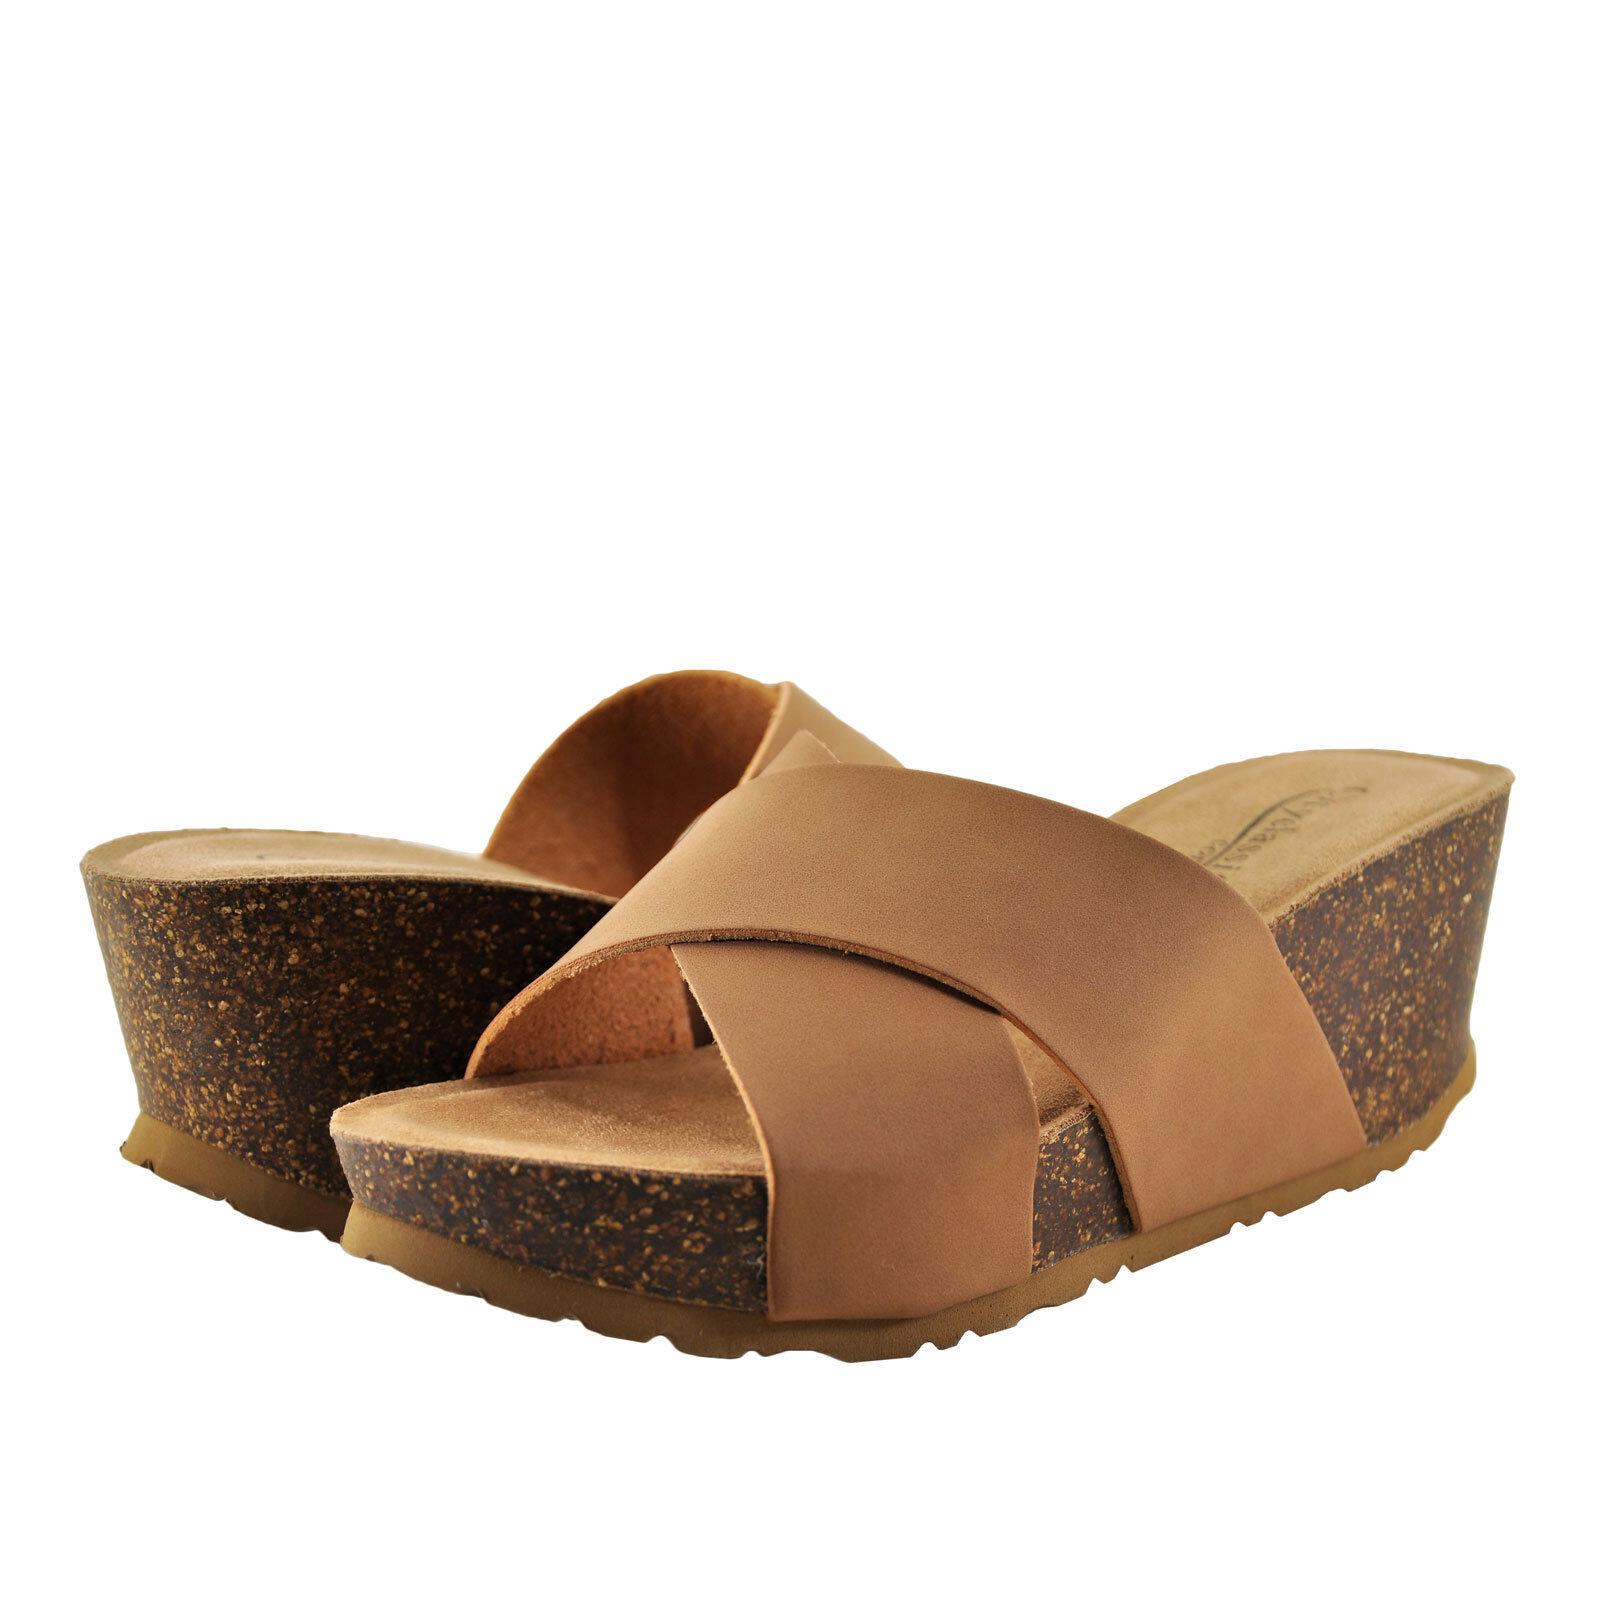 NWT Victoria's Secret PINK Crossed Strap Sport Slides Sandals hologram large